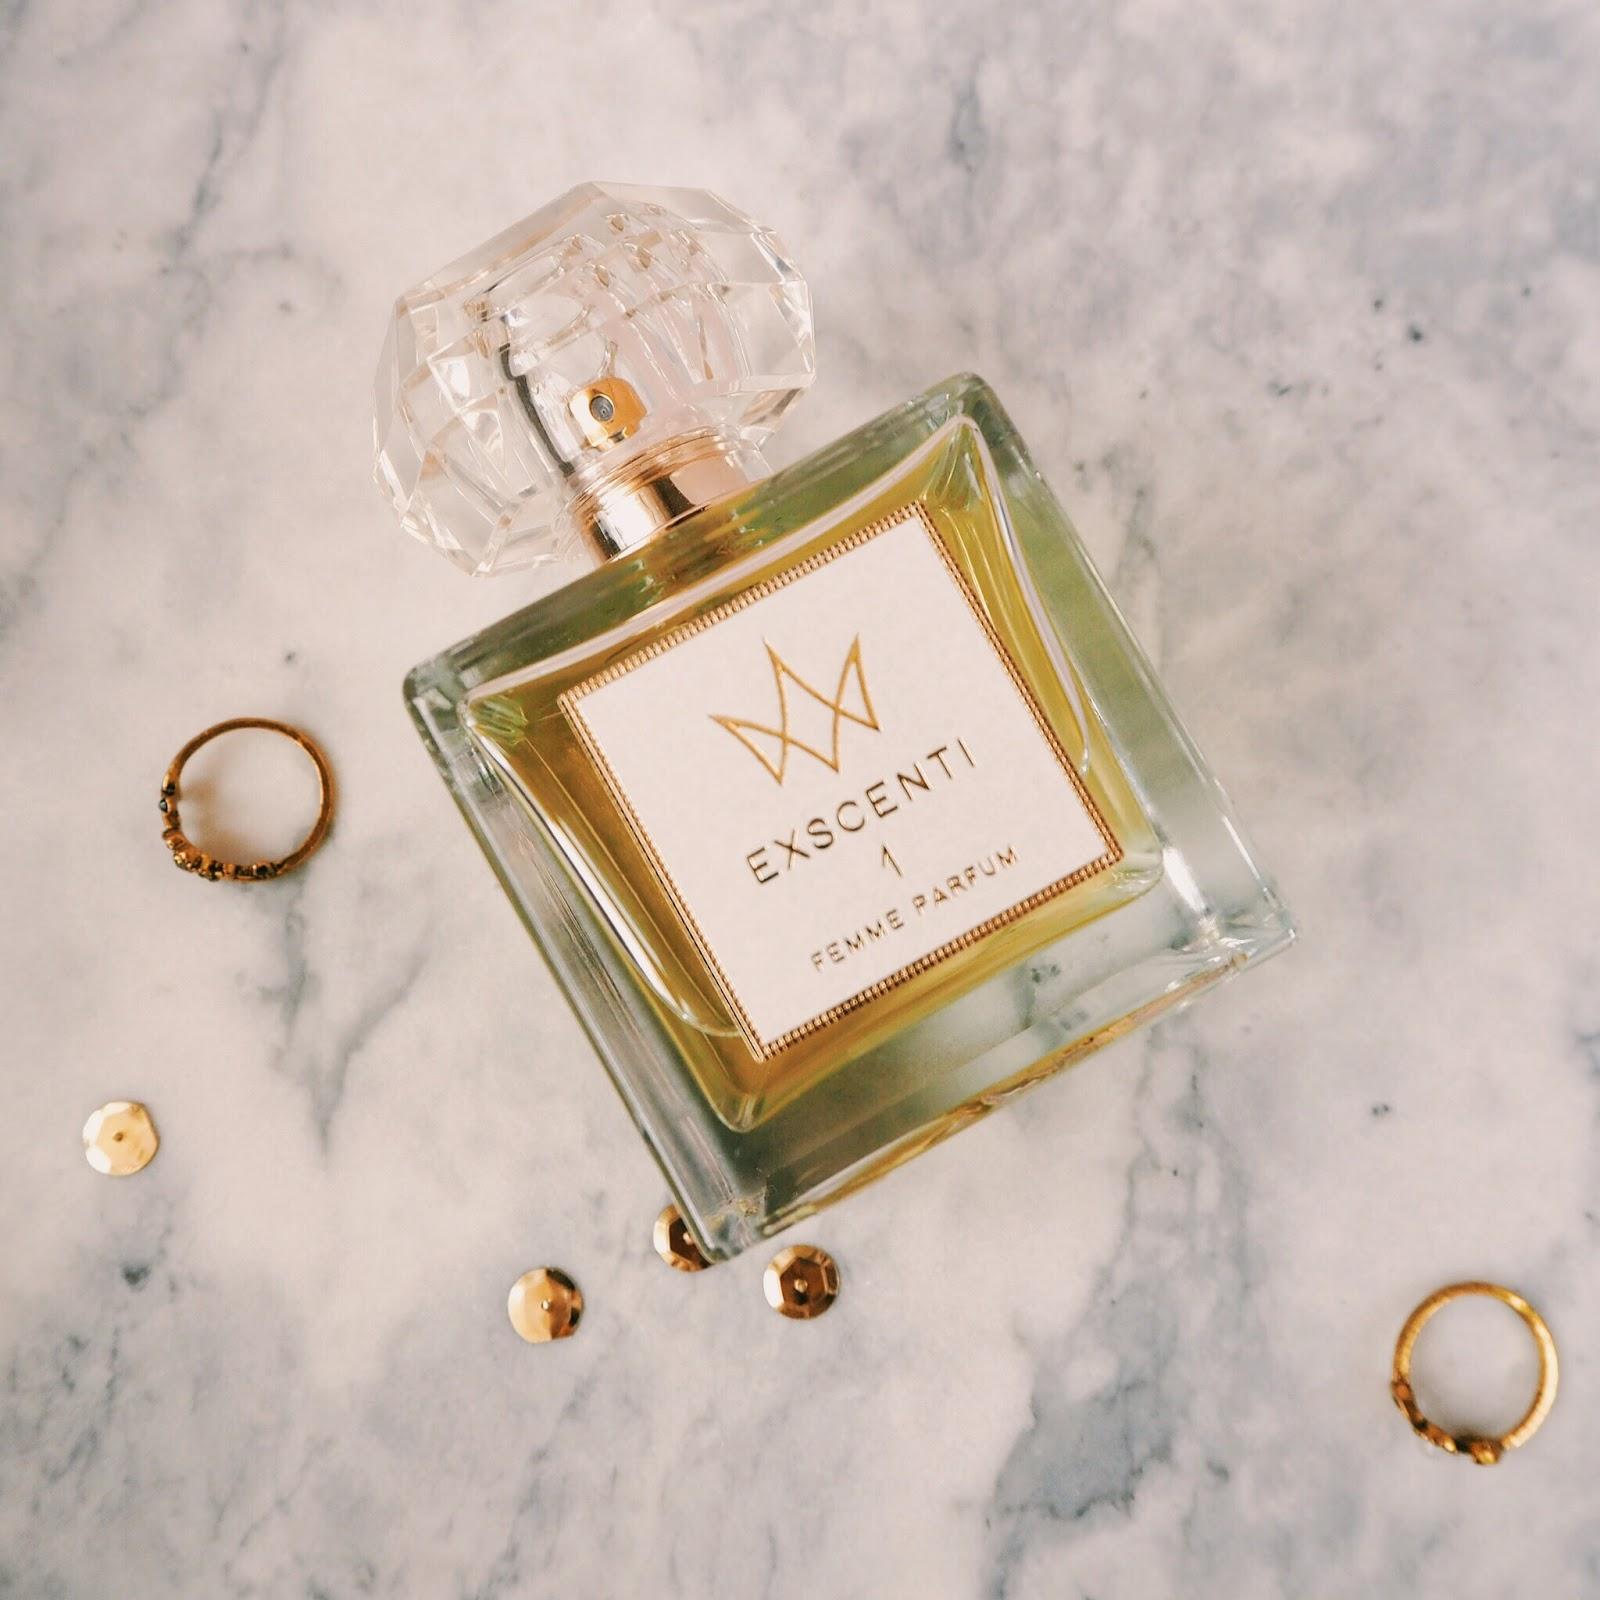 tanie perfumy